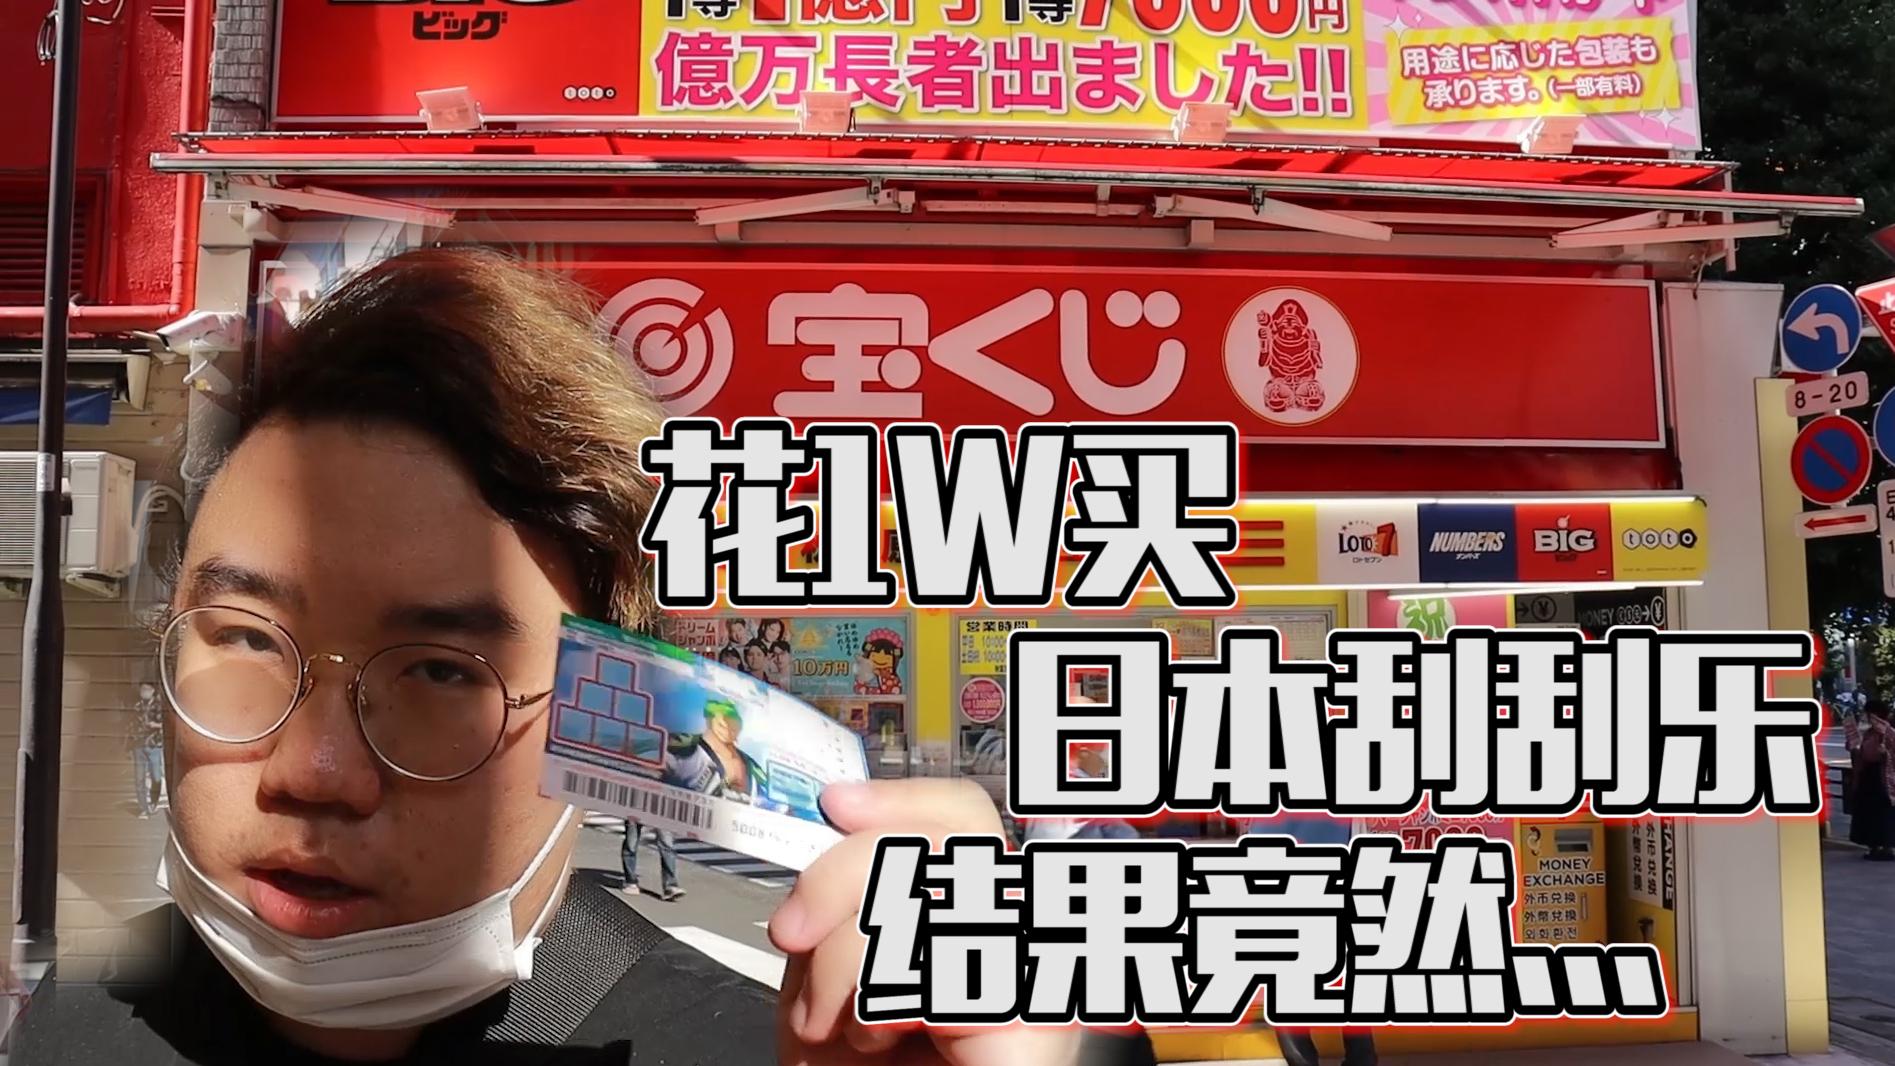 在日本花1W日元买刮刮乐结果真的能一夜暴富?做梦罢了!